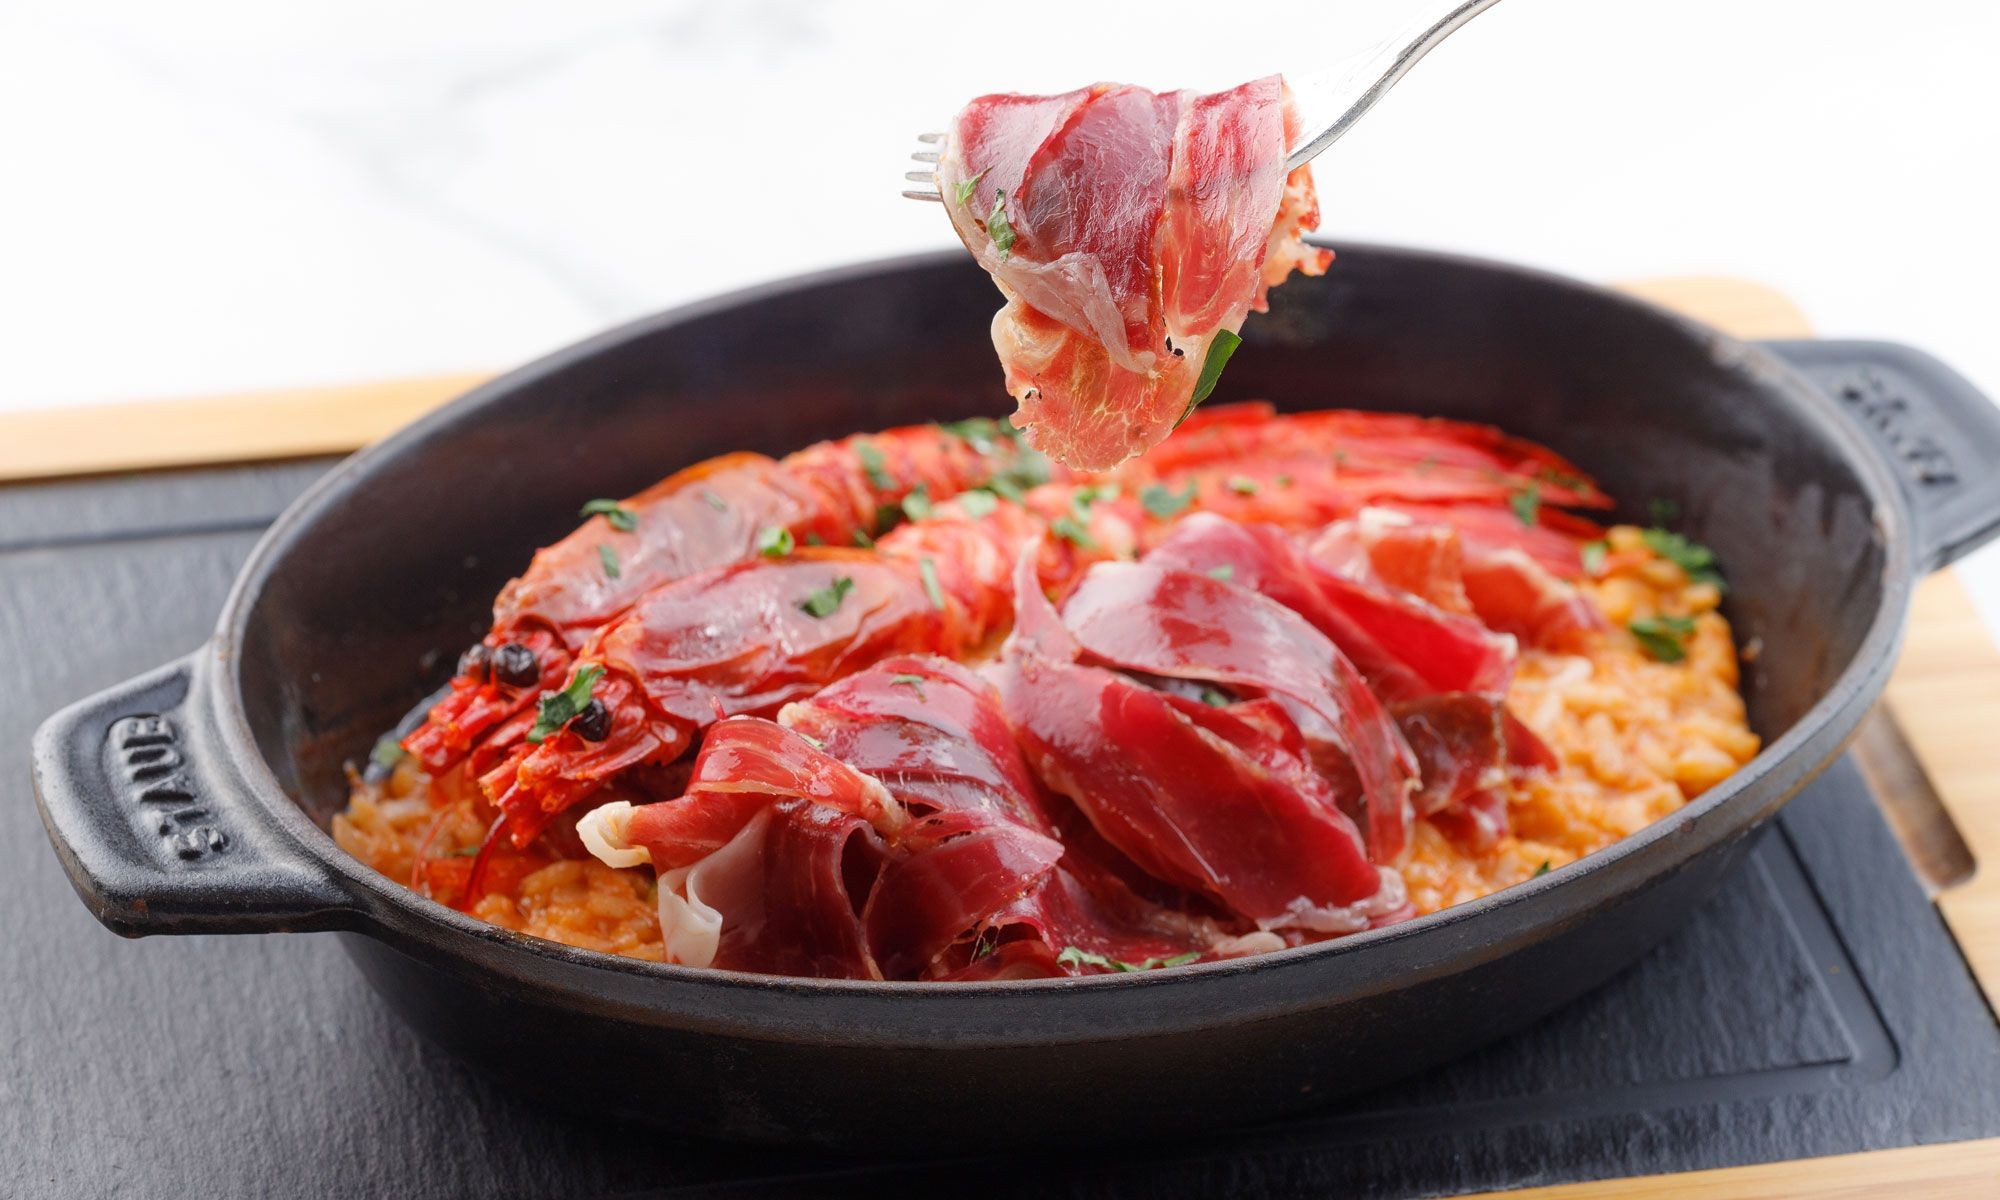 Joselito Ham At Lobster Bar & Grill